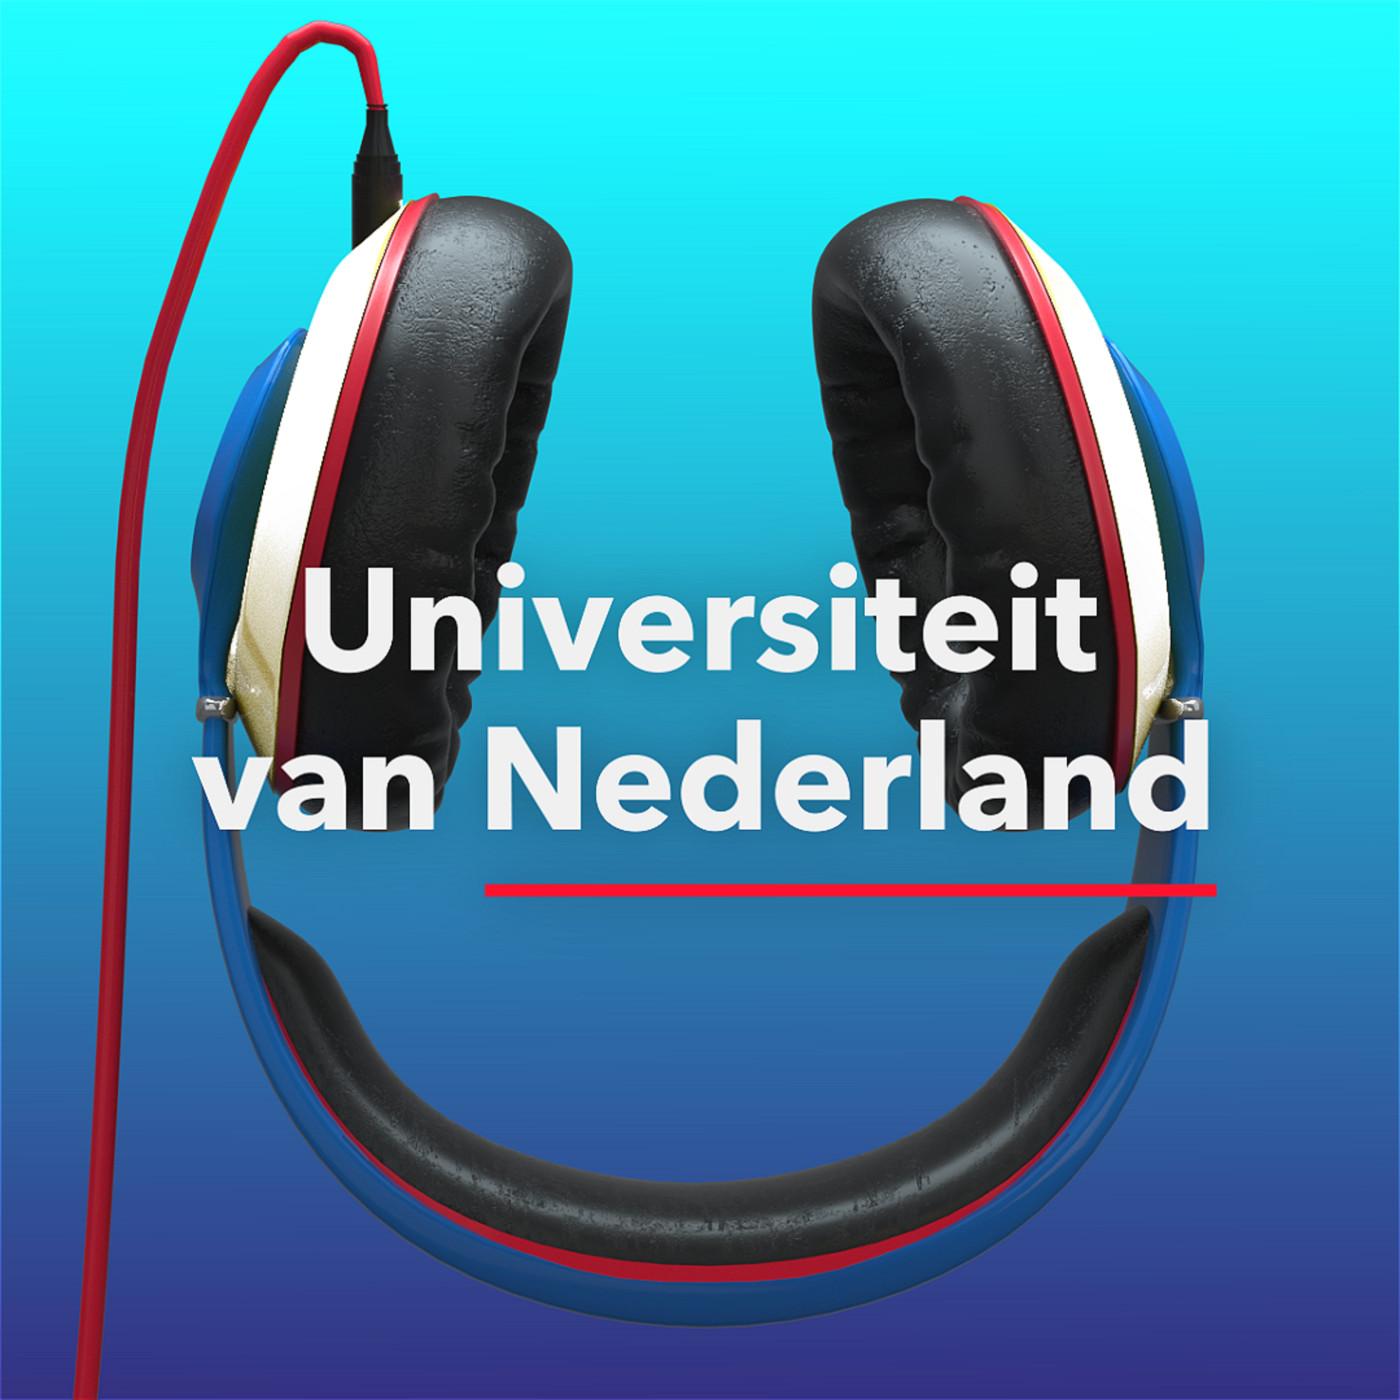 De Universiteit van Nederland Podcast logo